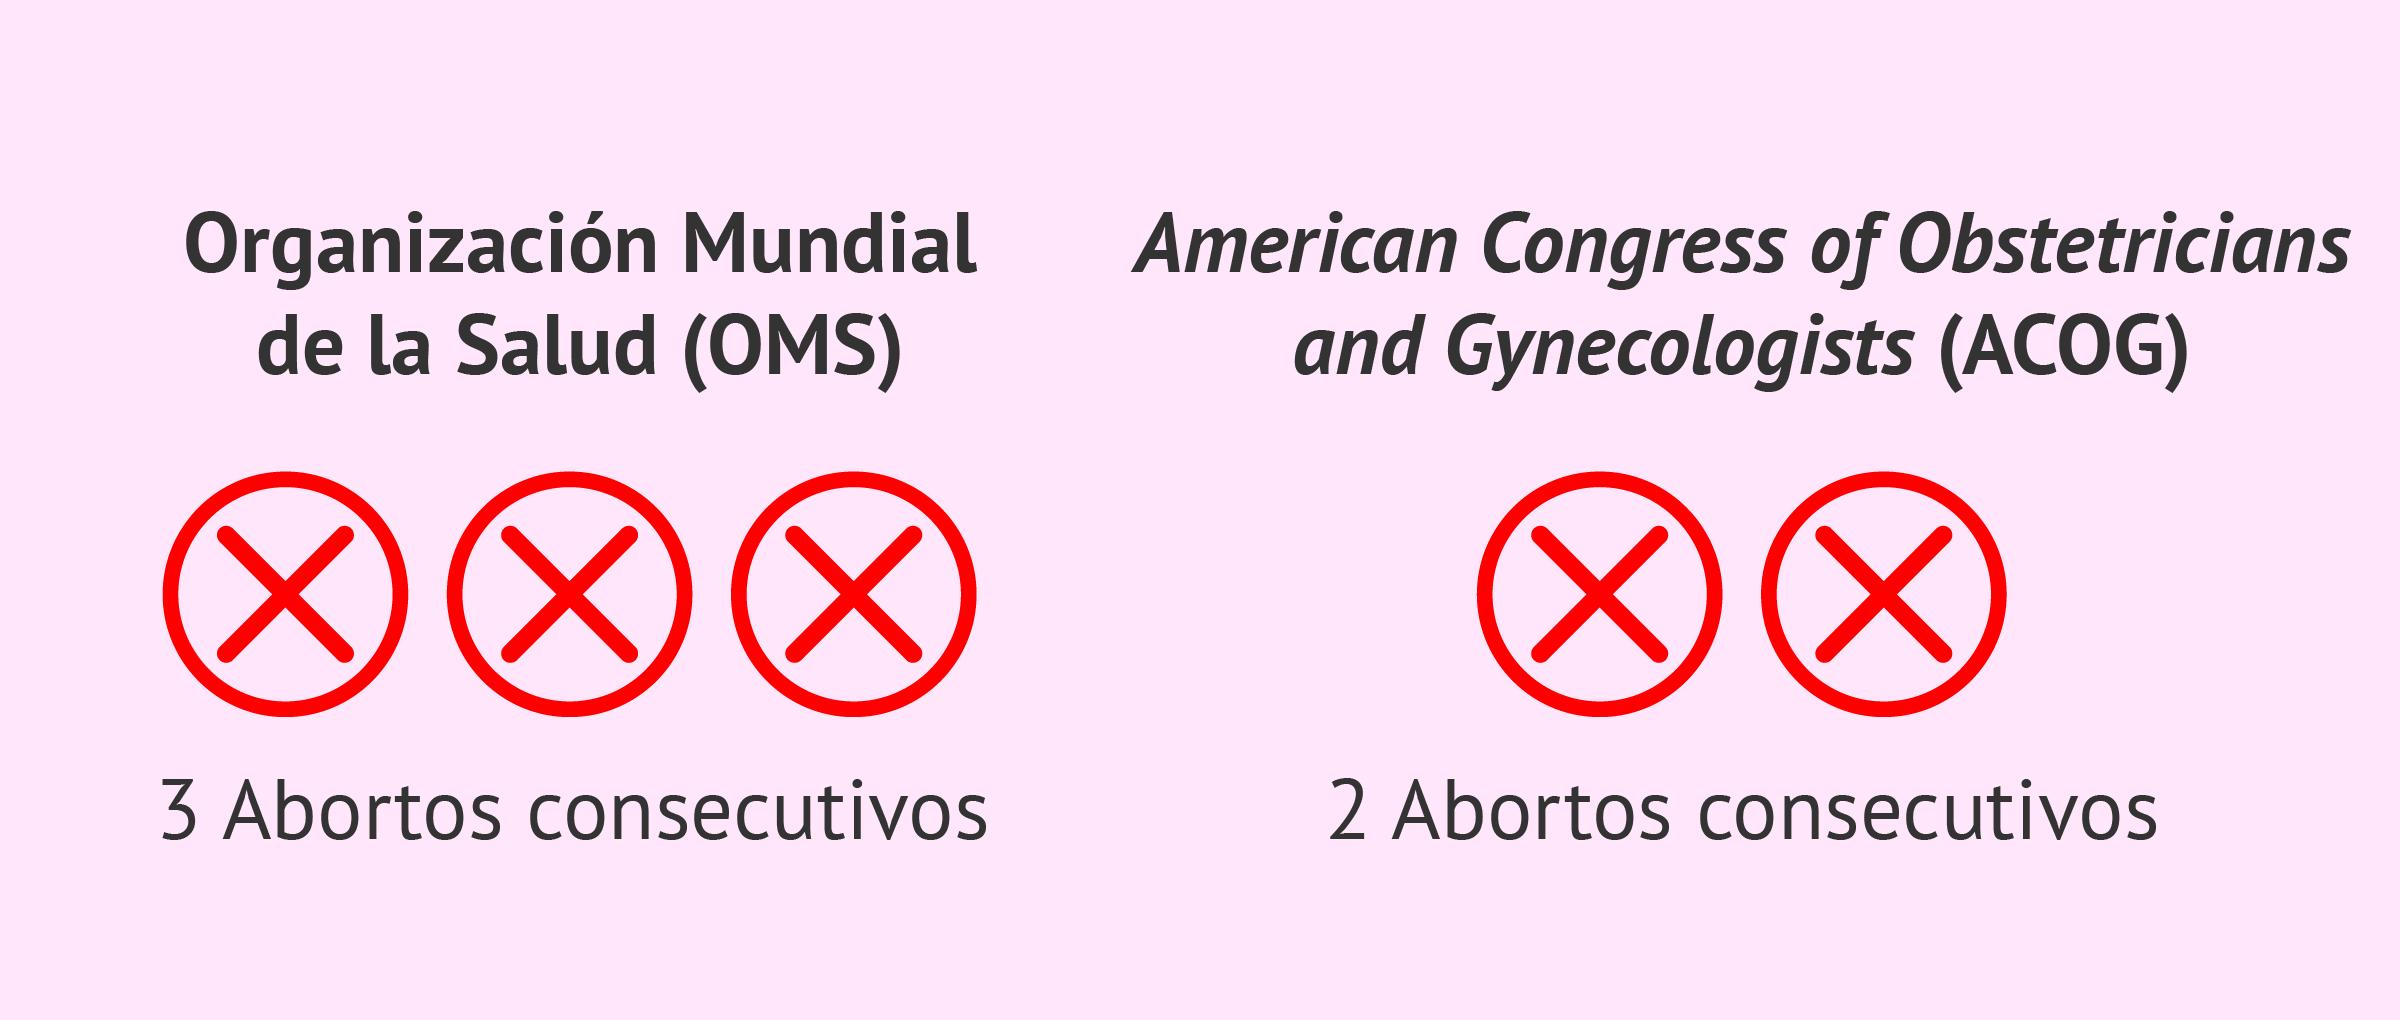 El aborto de repetición